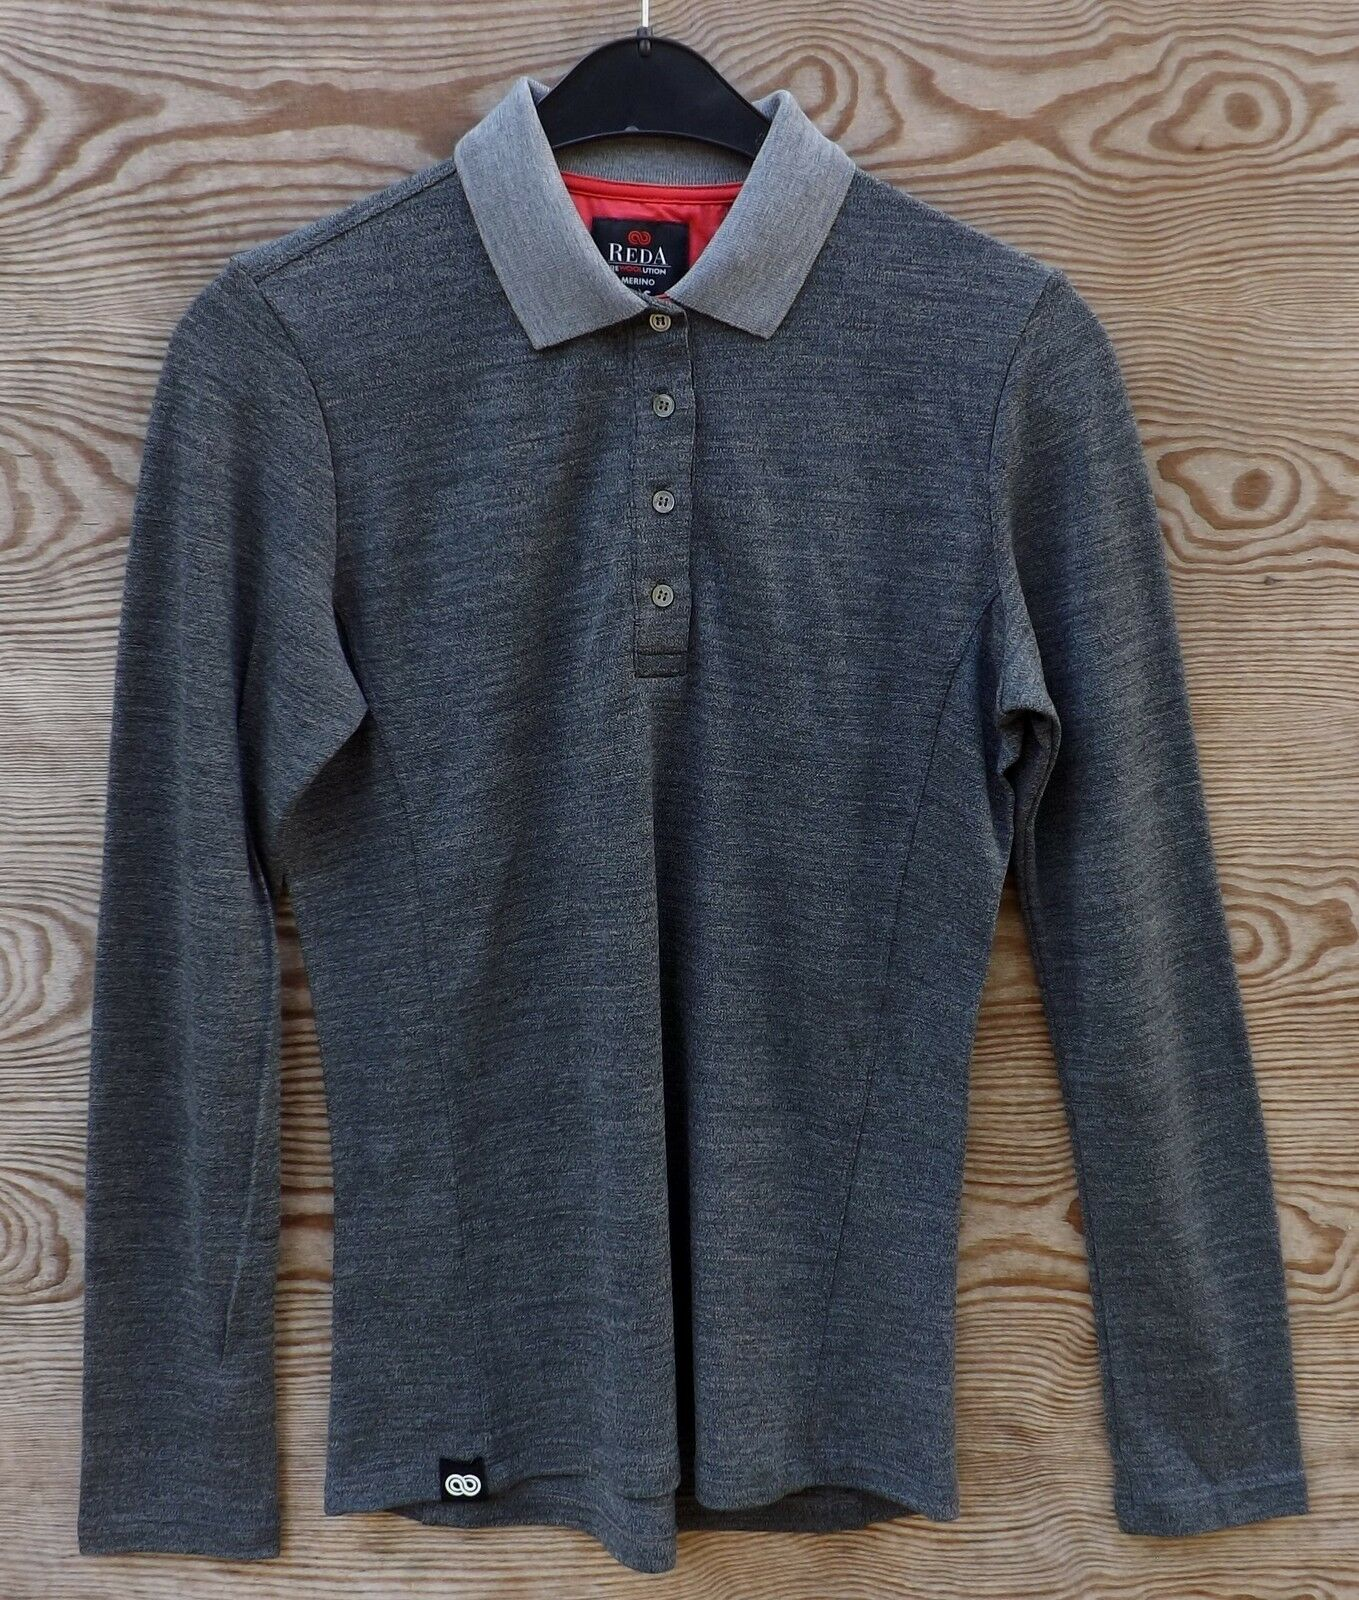 rojoa rewoolution par-mujer polo Long sleeve 210, charcoal, lana merino, talla s